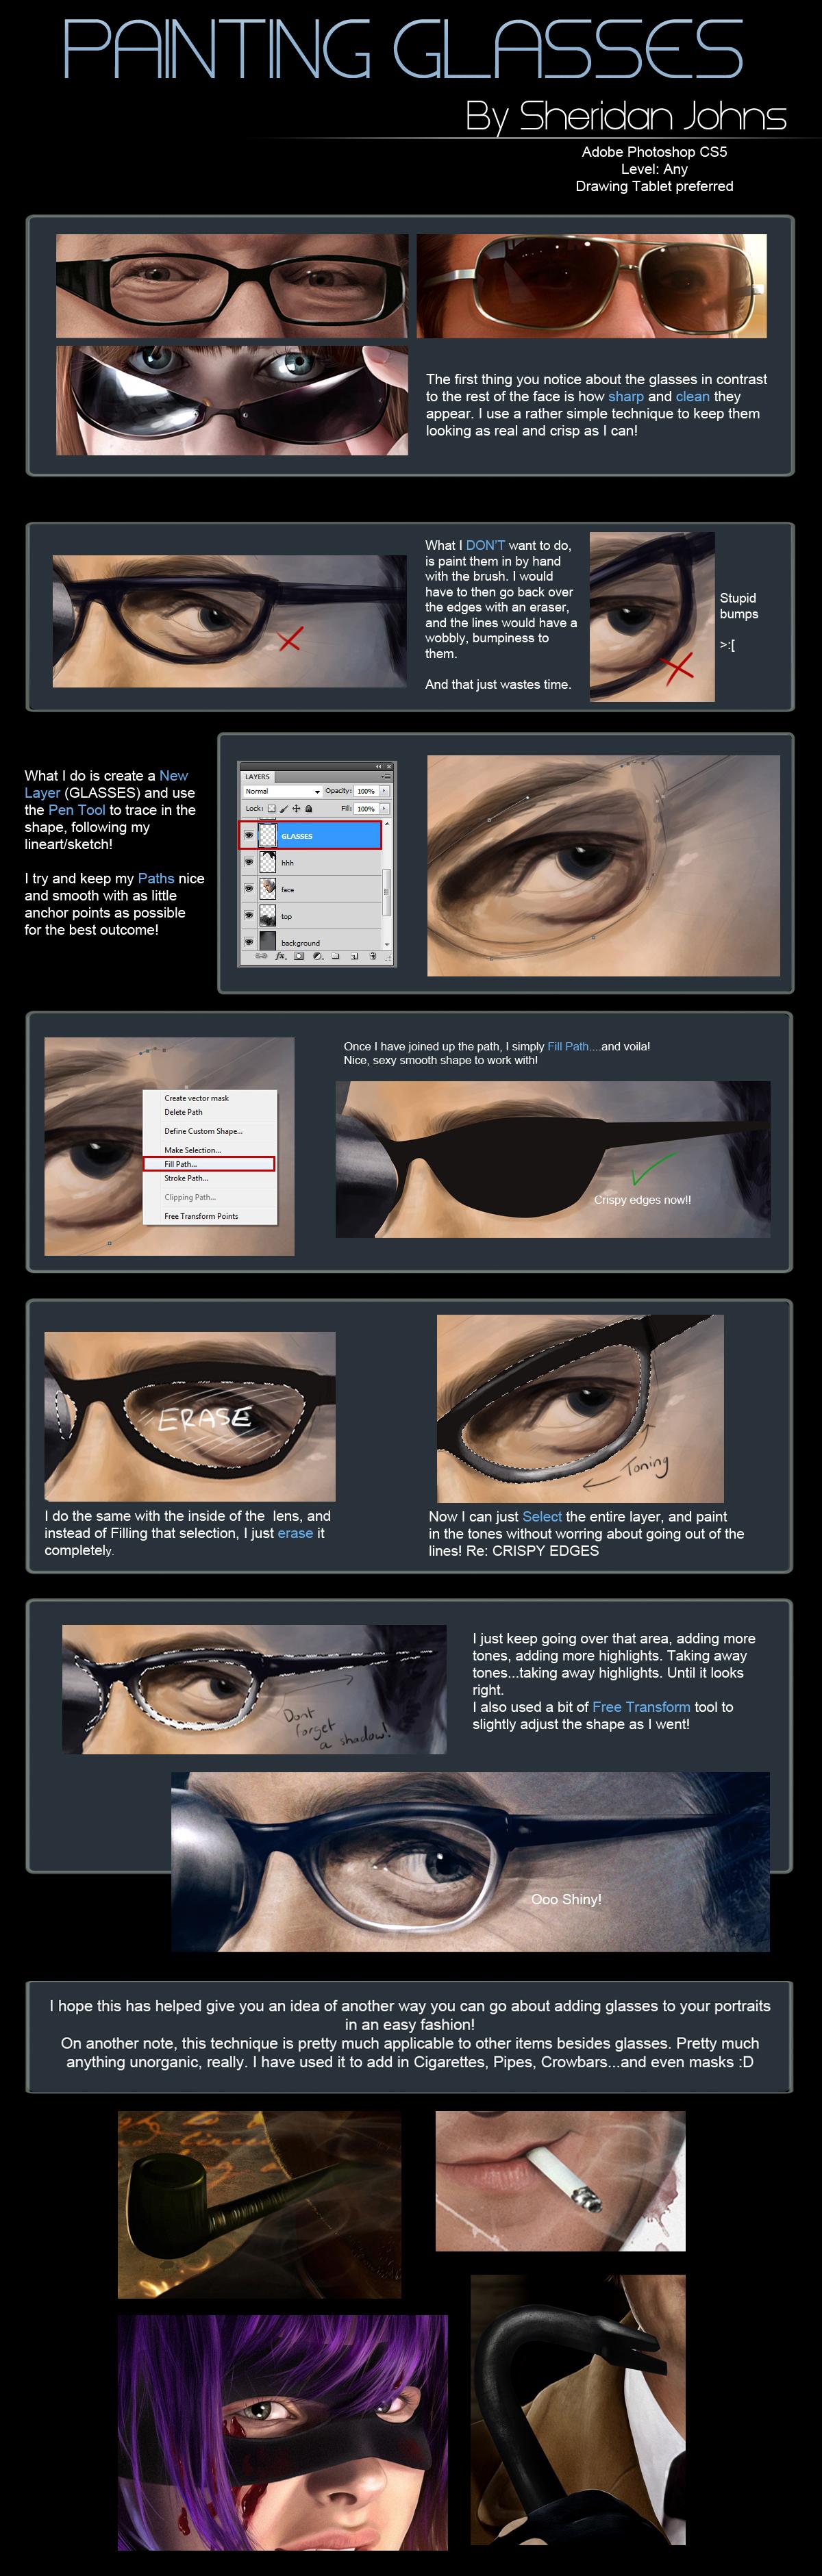 Painting Glasses - Quick Tutorial